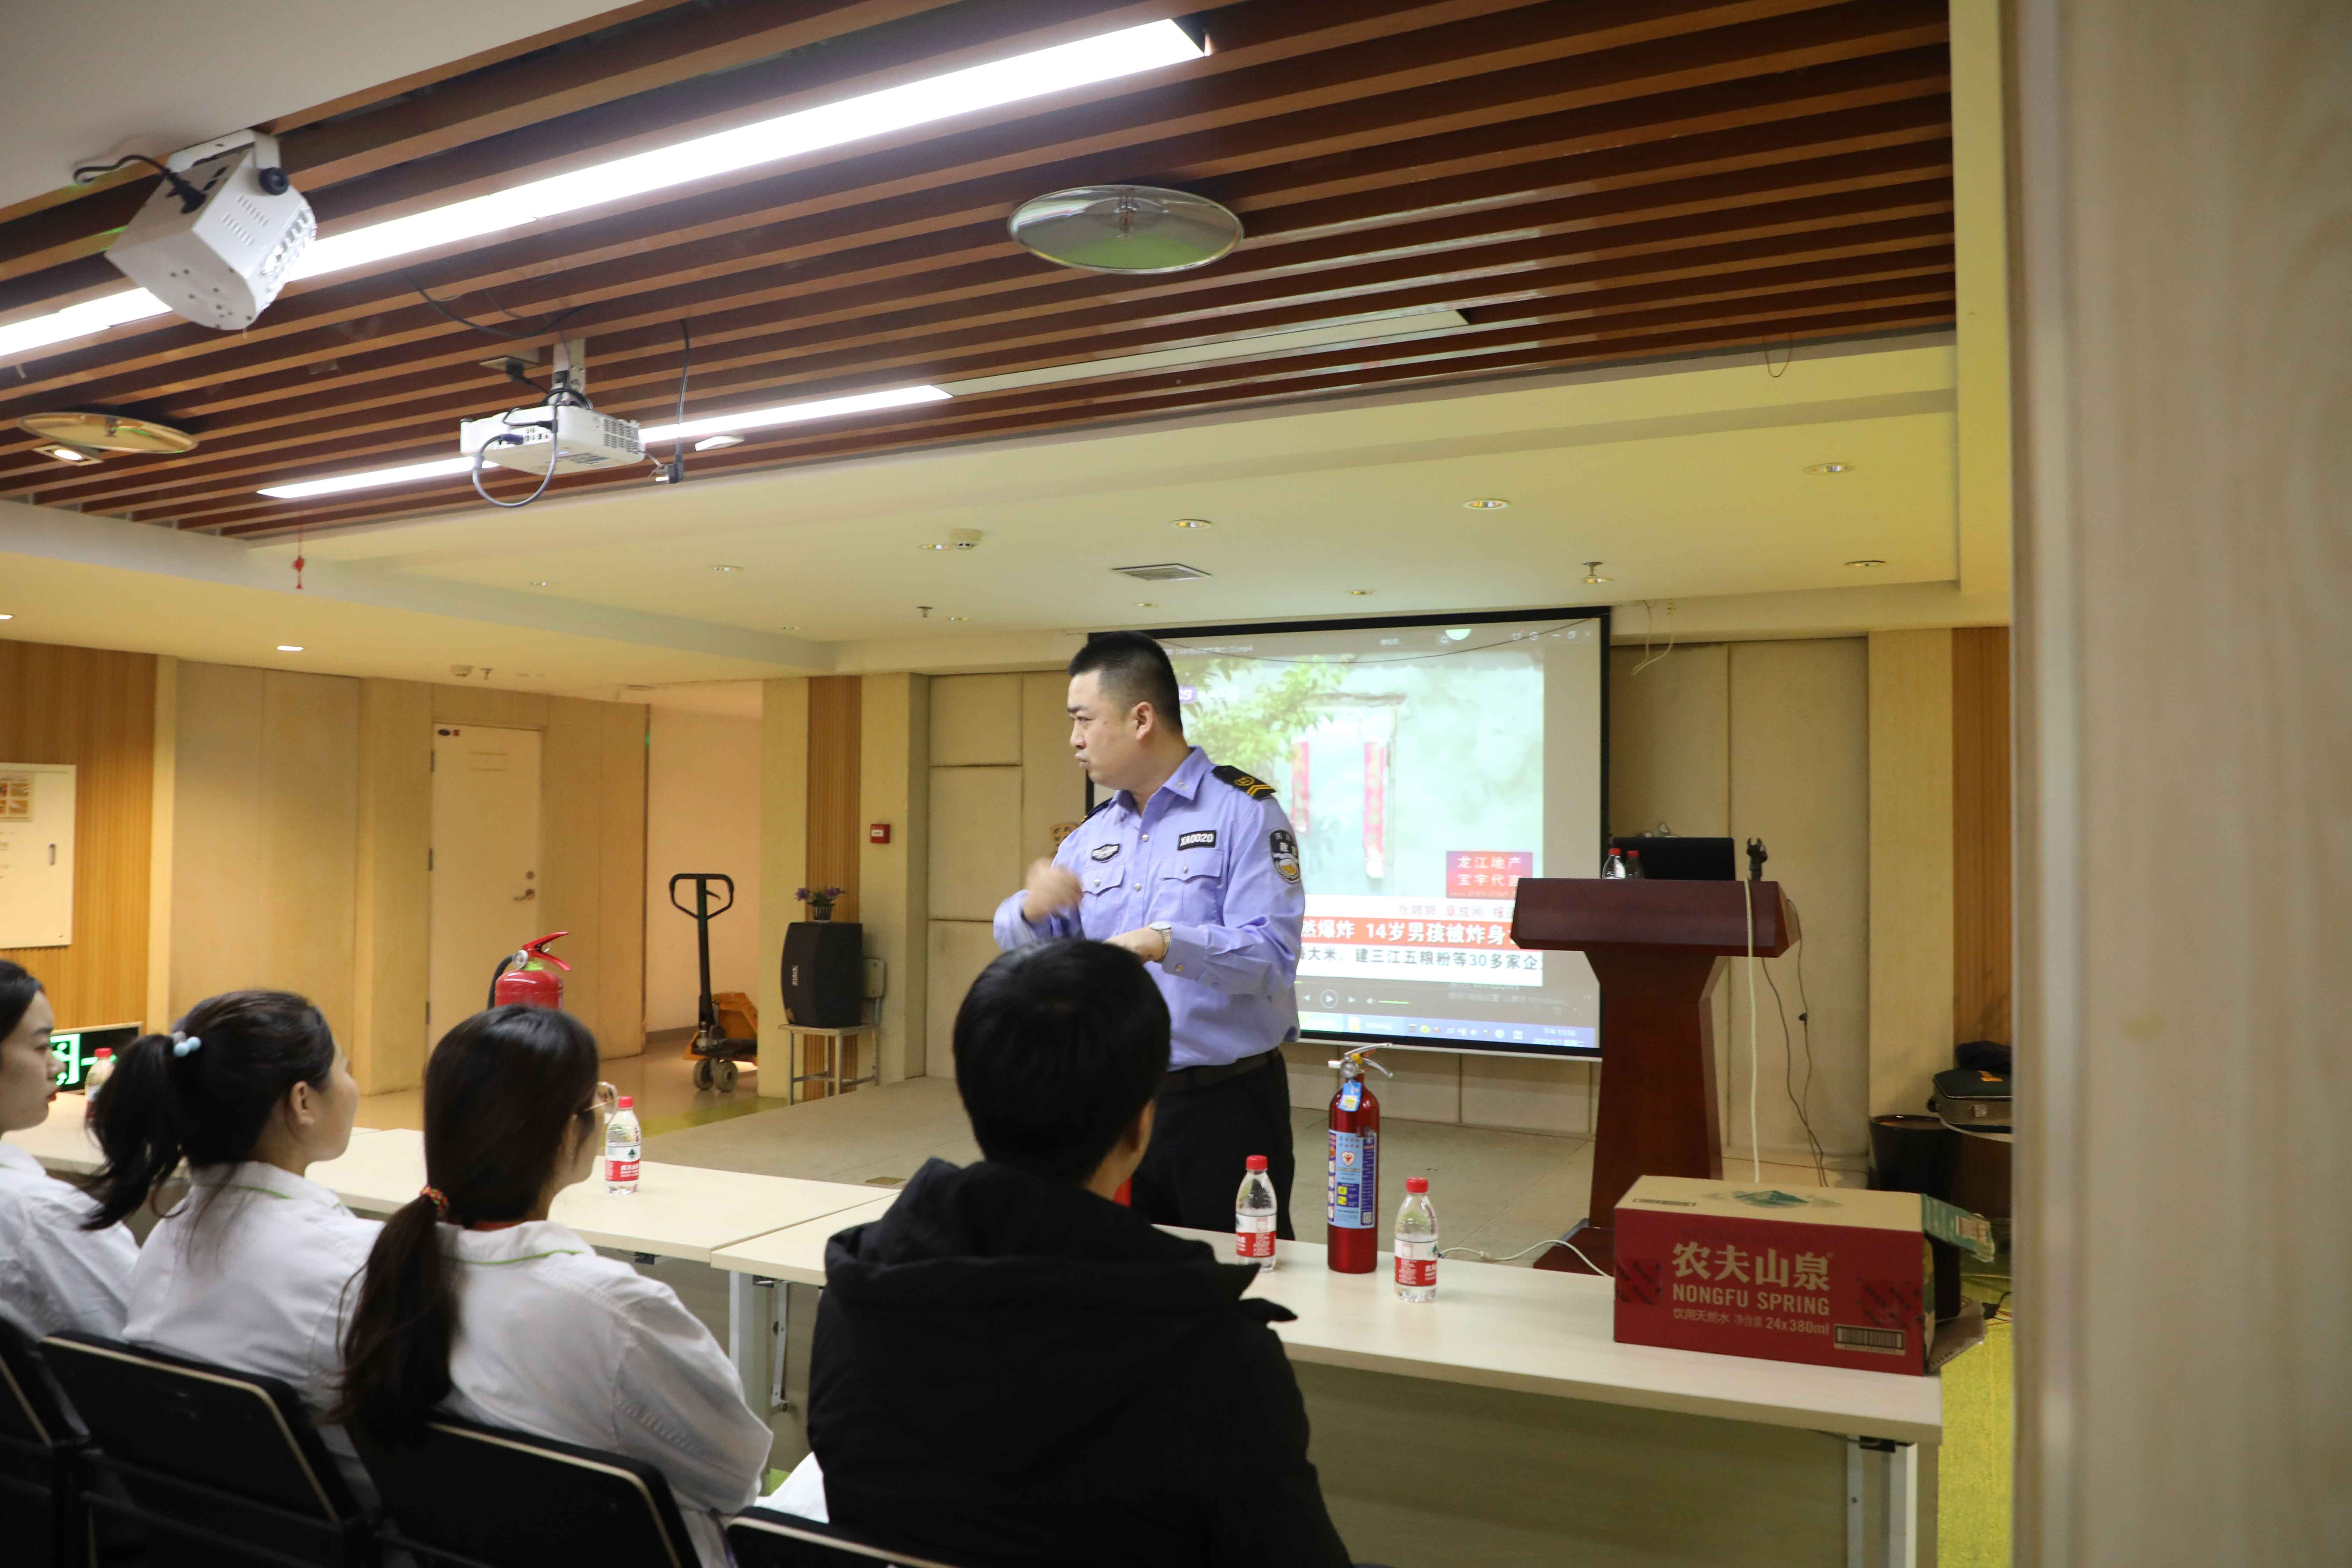 2020年远东医院消防知识普及专题讲座